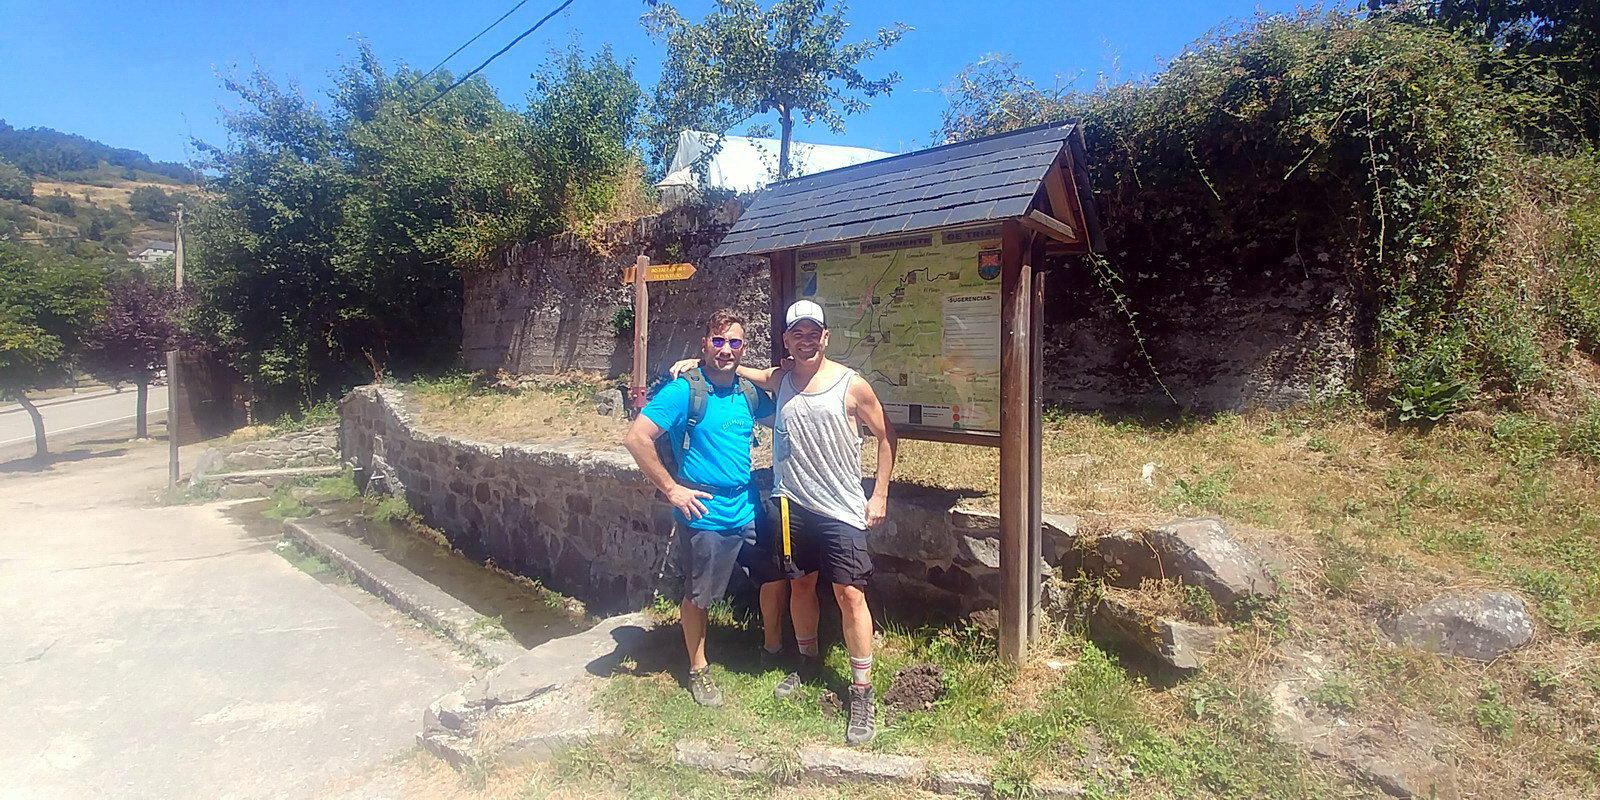 Rutas de Senderismo en El Bierzo | Antigua Escuela del Bierzo